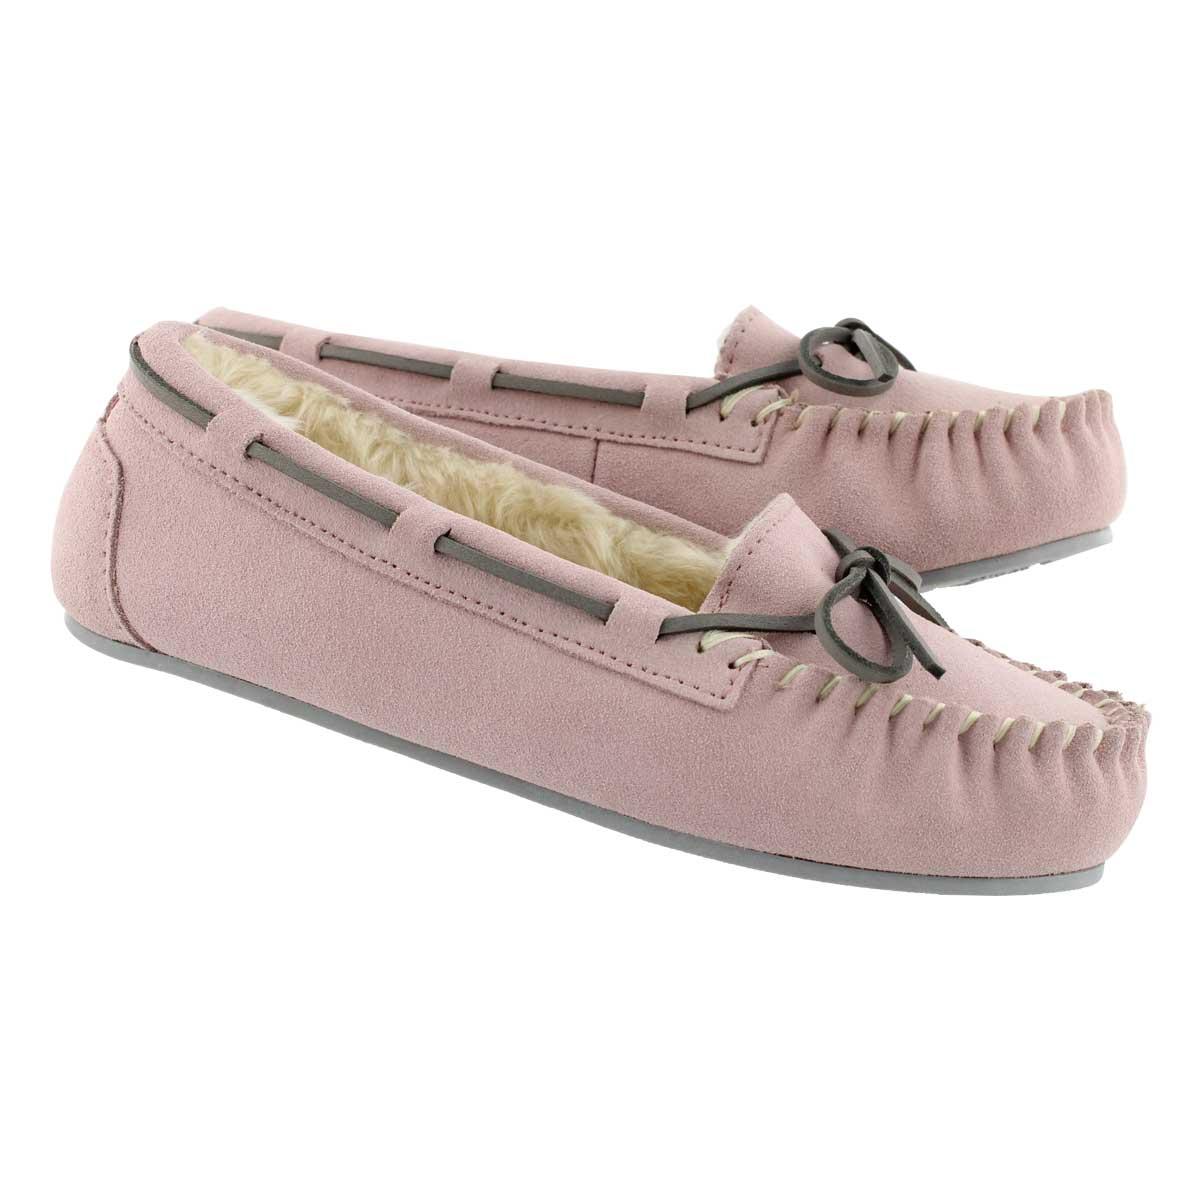 Lds Bali II pink suede ballerina moc